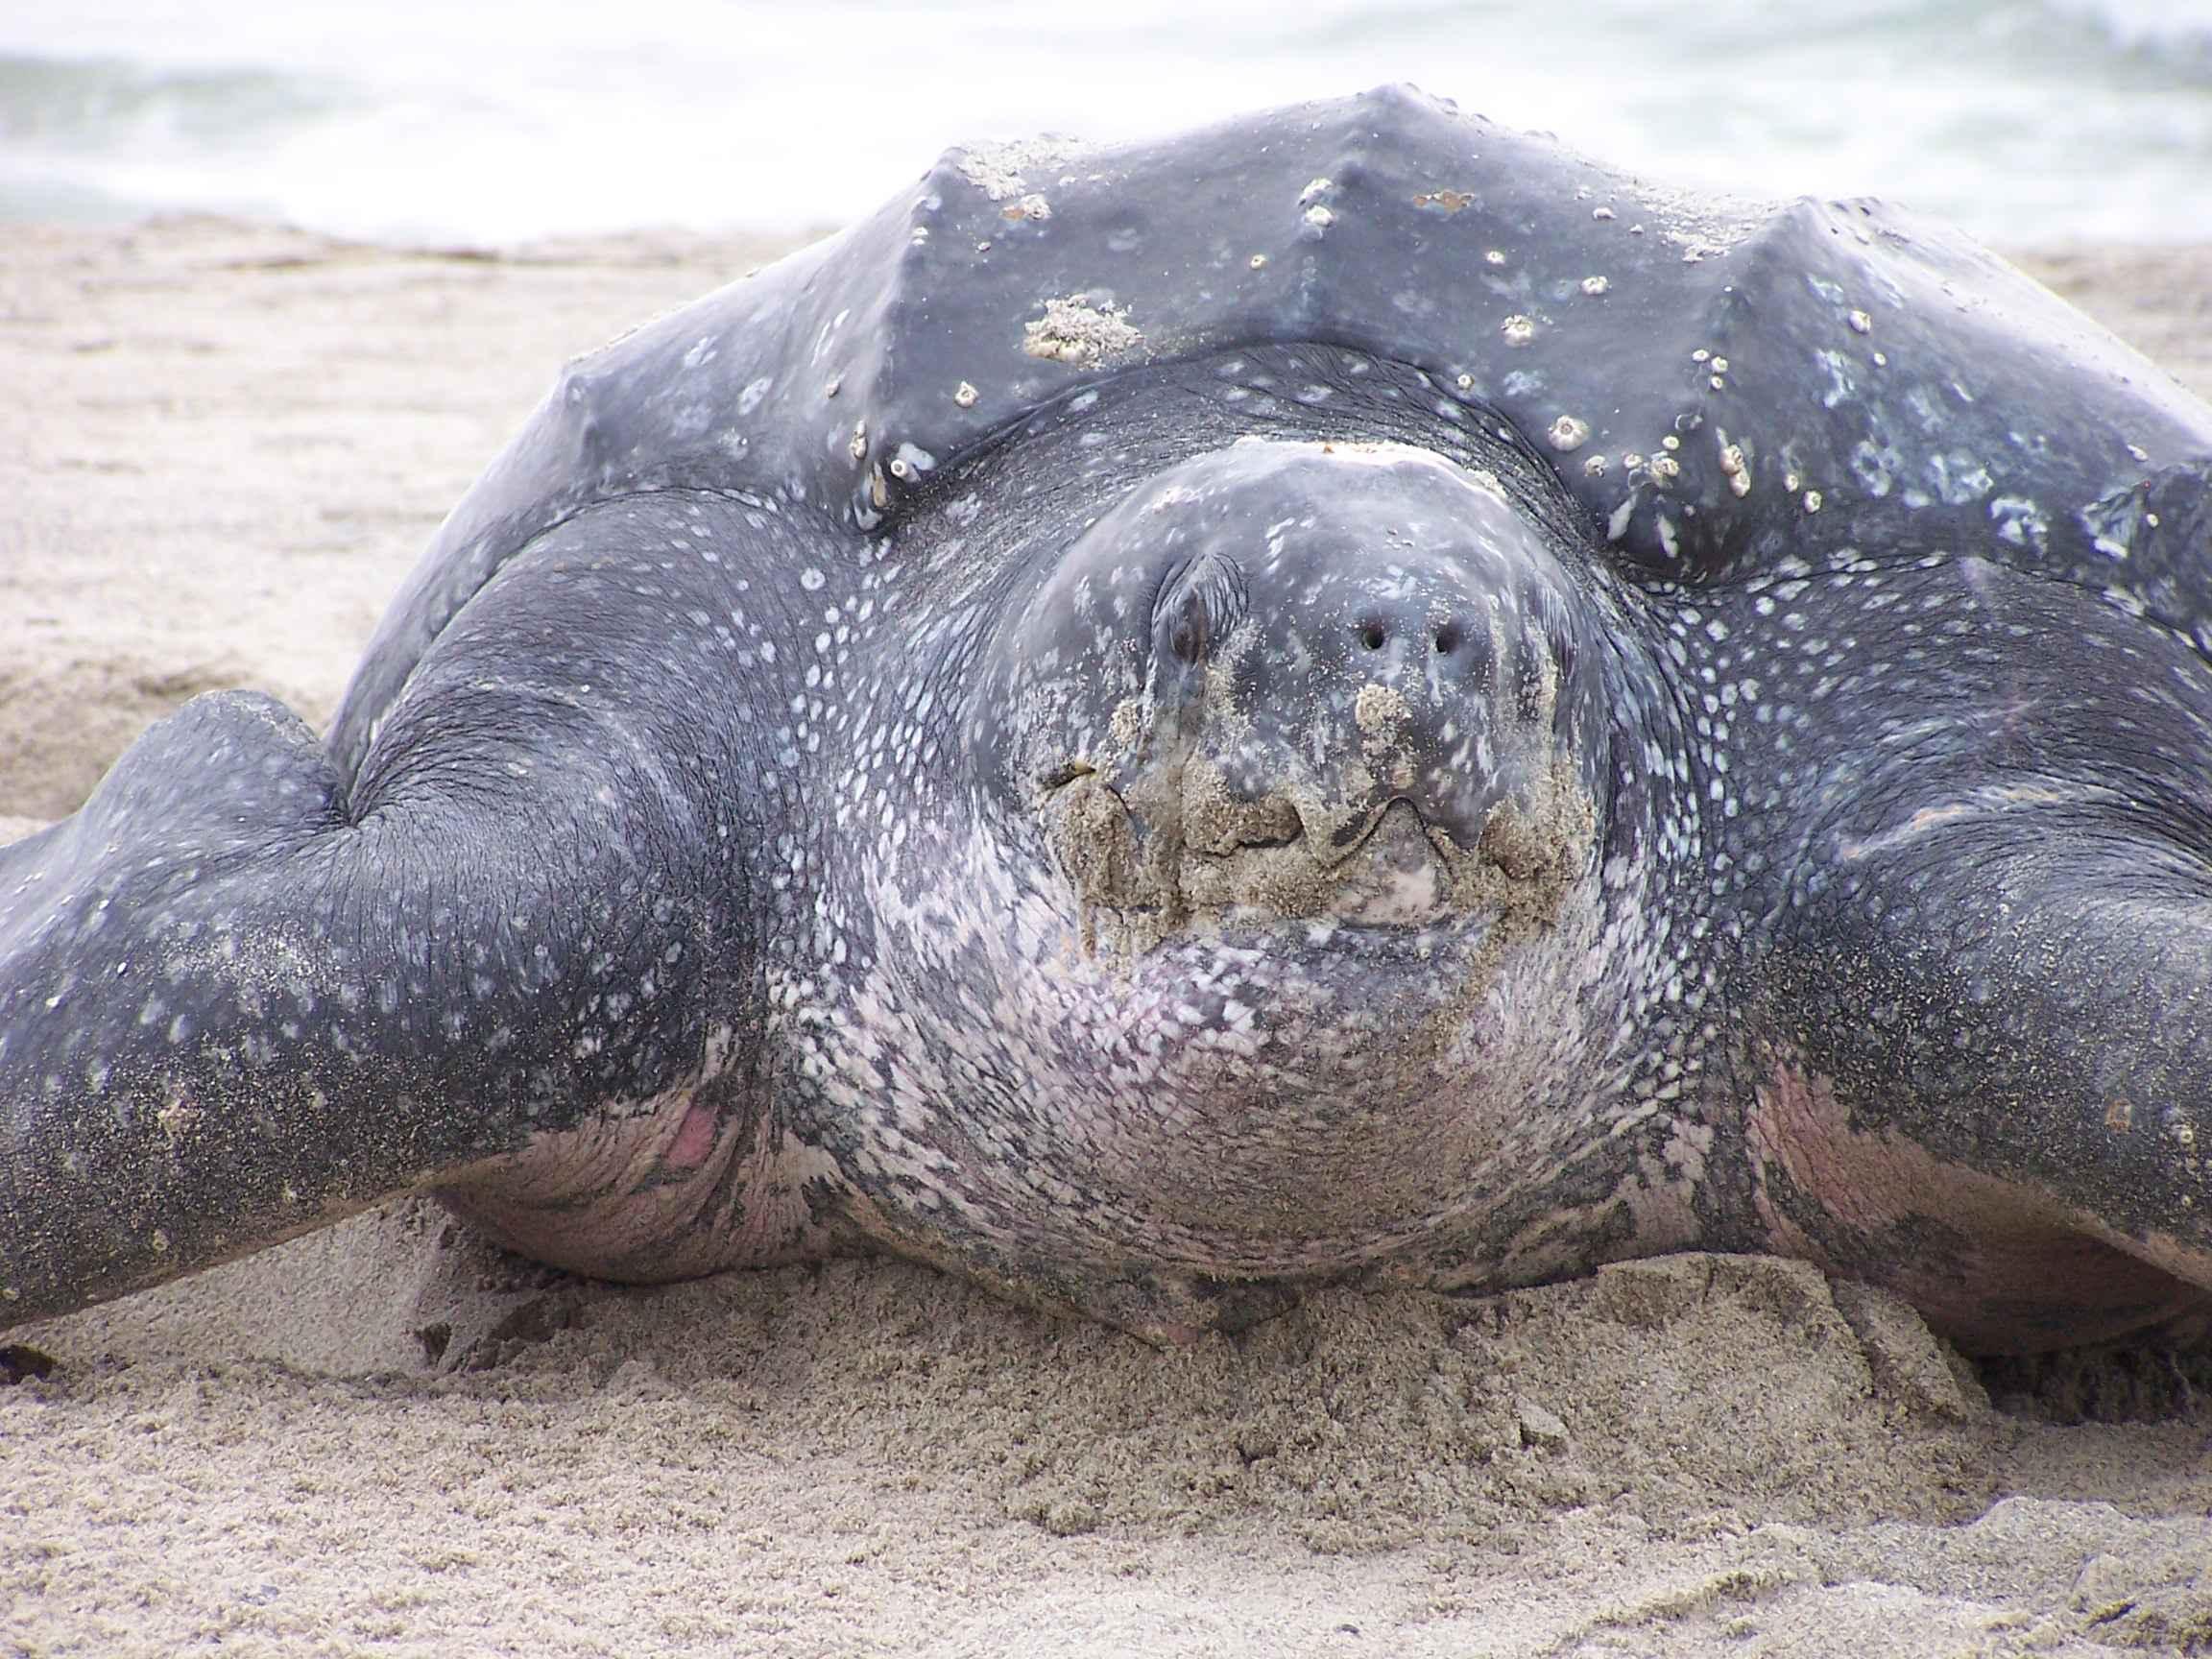 Leatherback sea turtle images